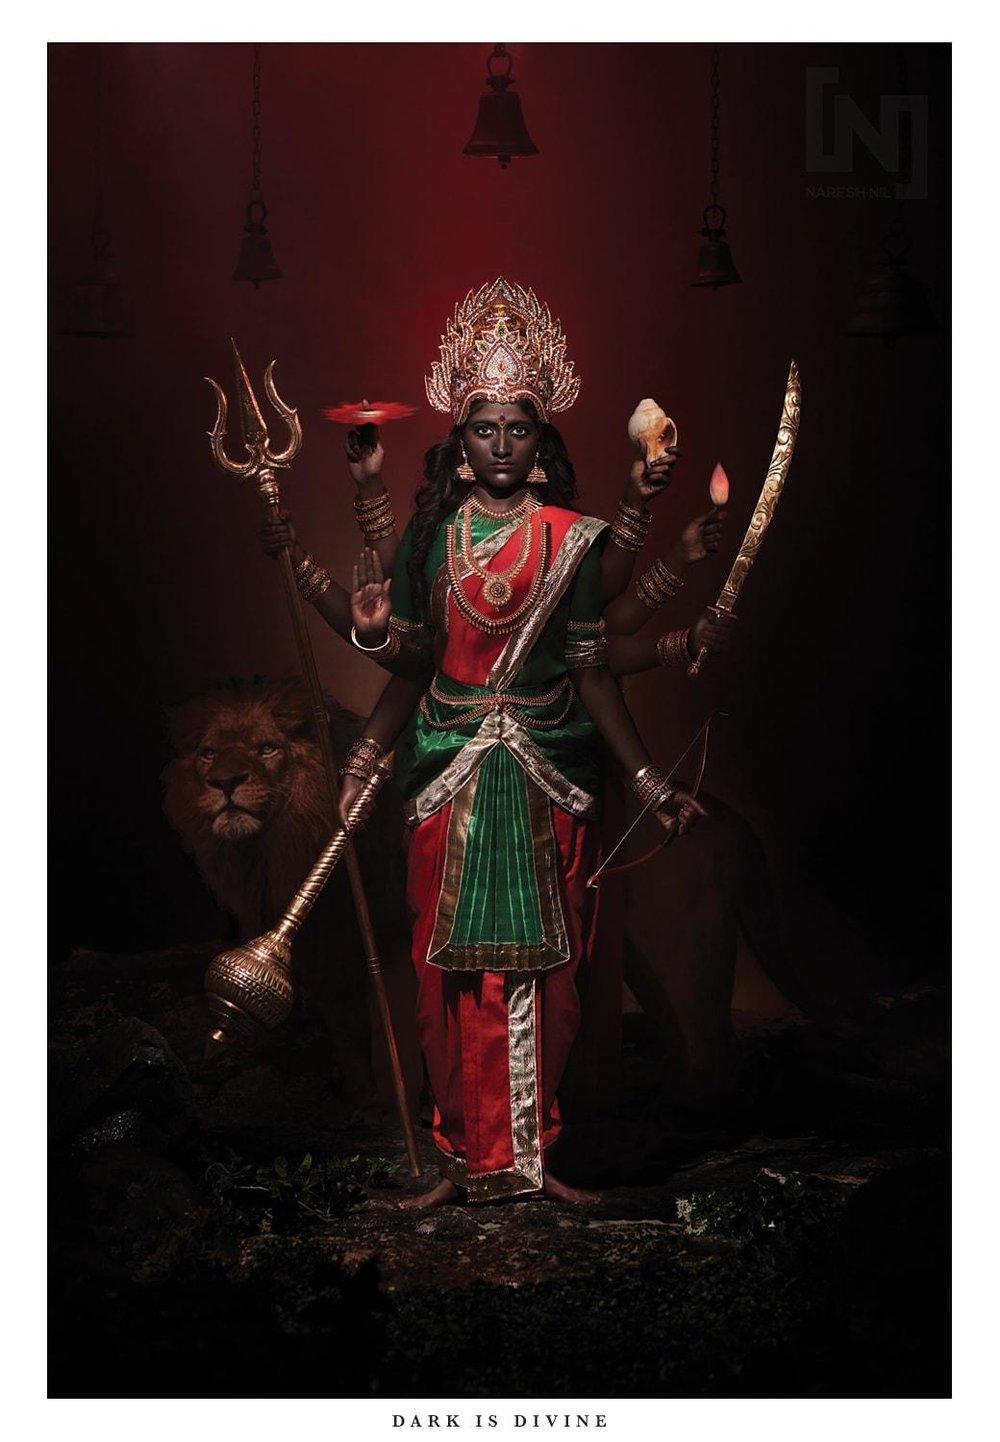 Image of the goddess Durga by Naresh Nil.